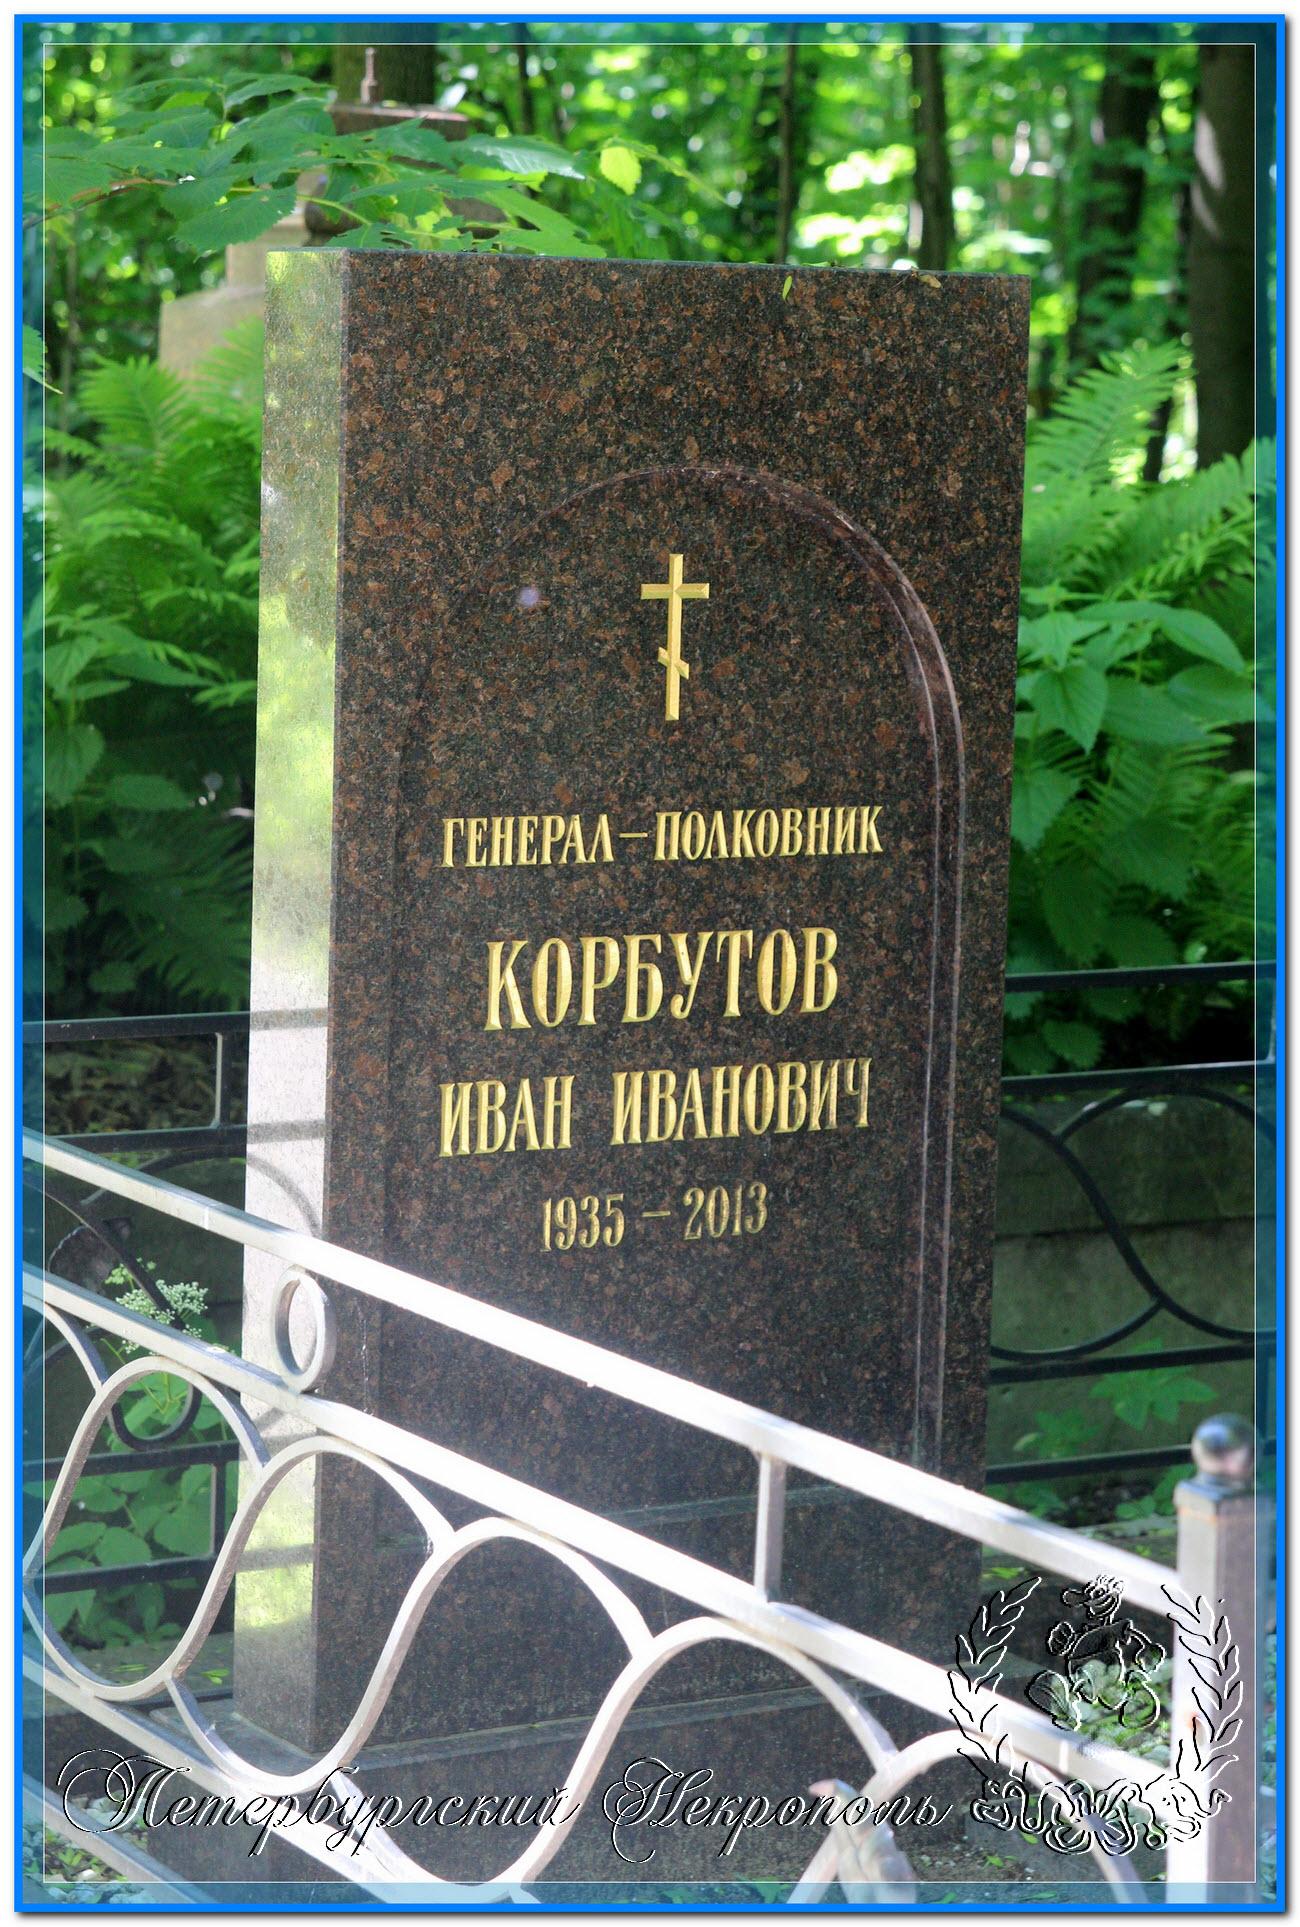 © КорбутовИванИванович